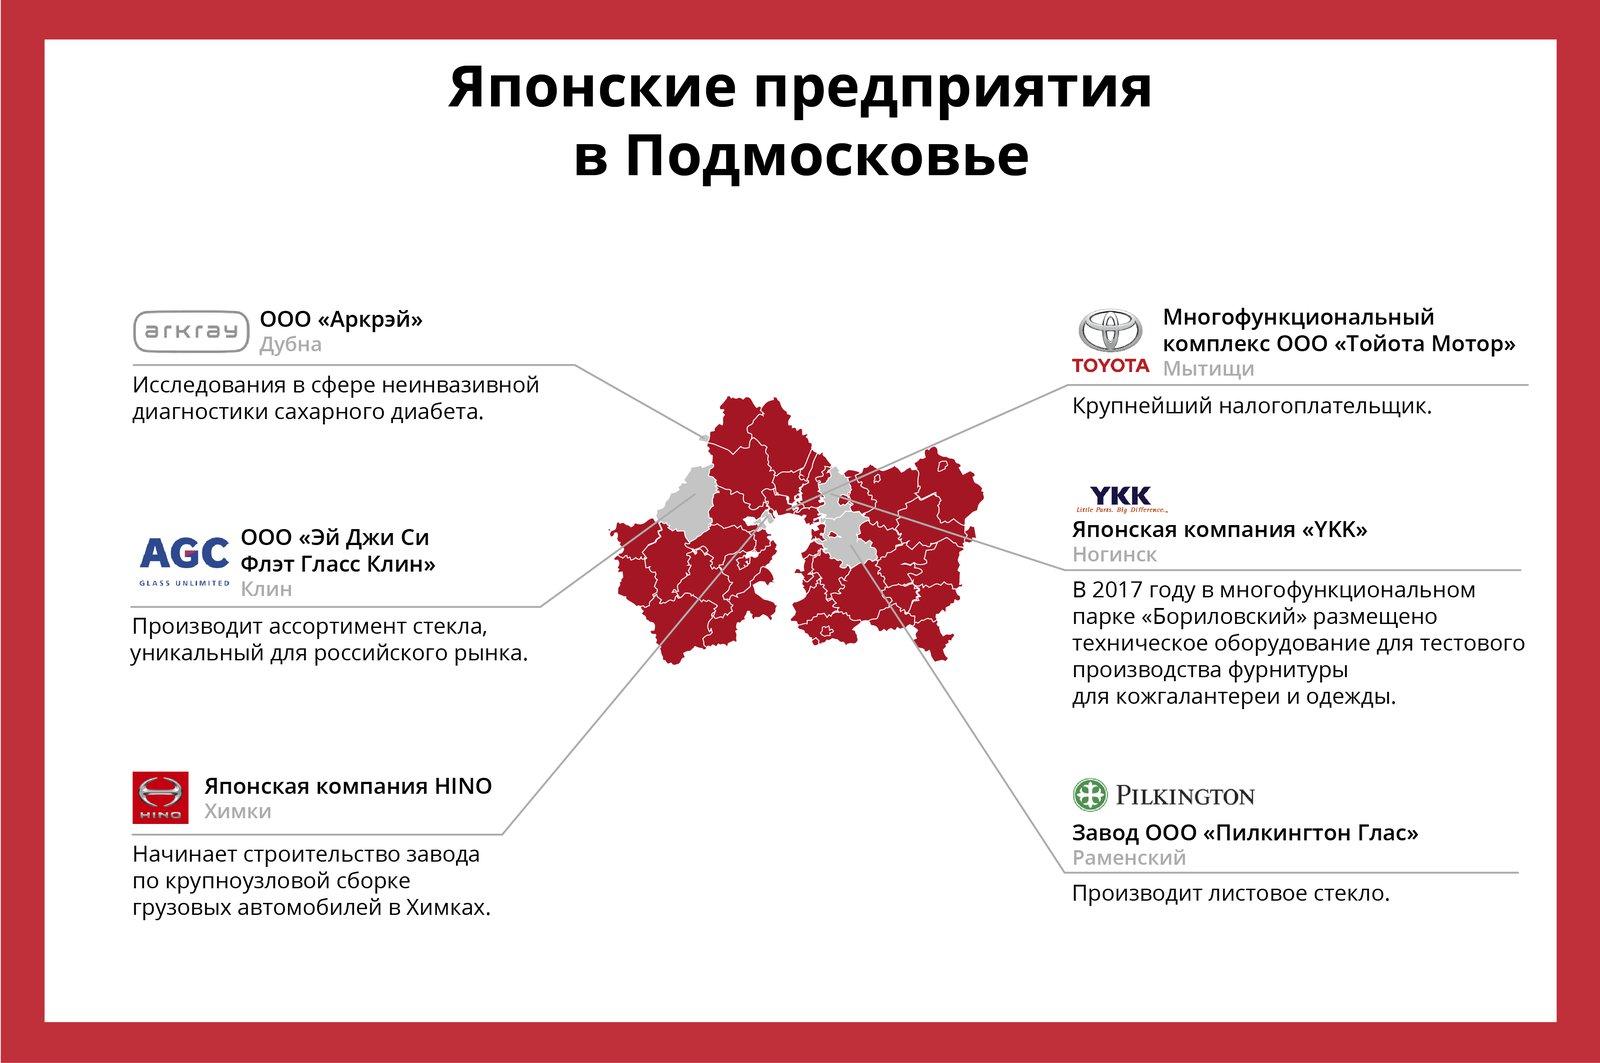 Андрей Воробьев губернатор московской области - Телемедицина и новые этапы сотрудничества: что обсуждали на встрече с губернатором Хоккайдо